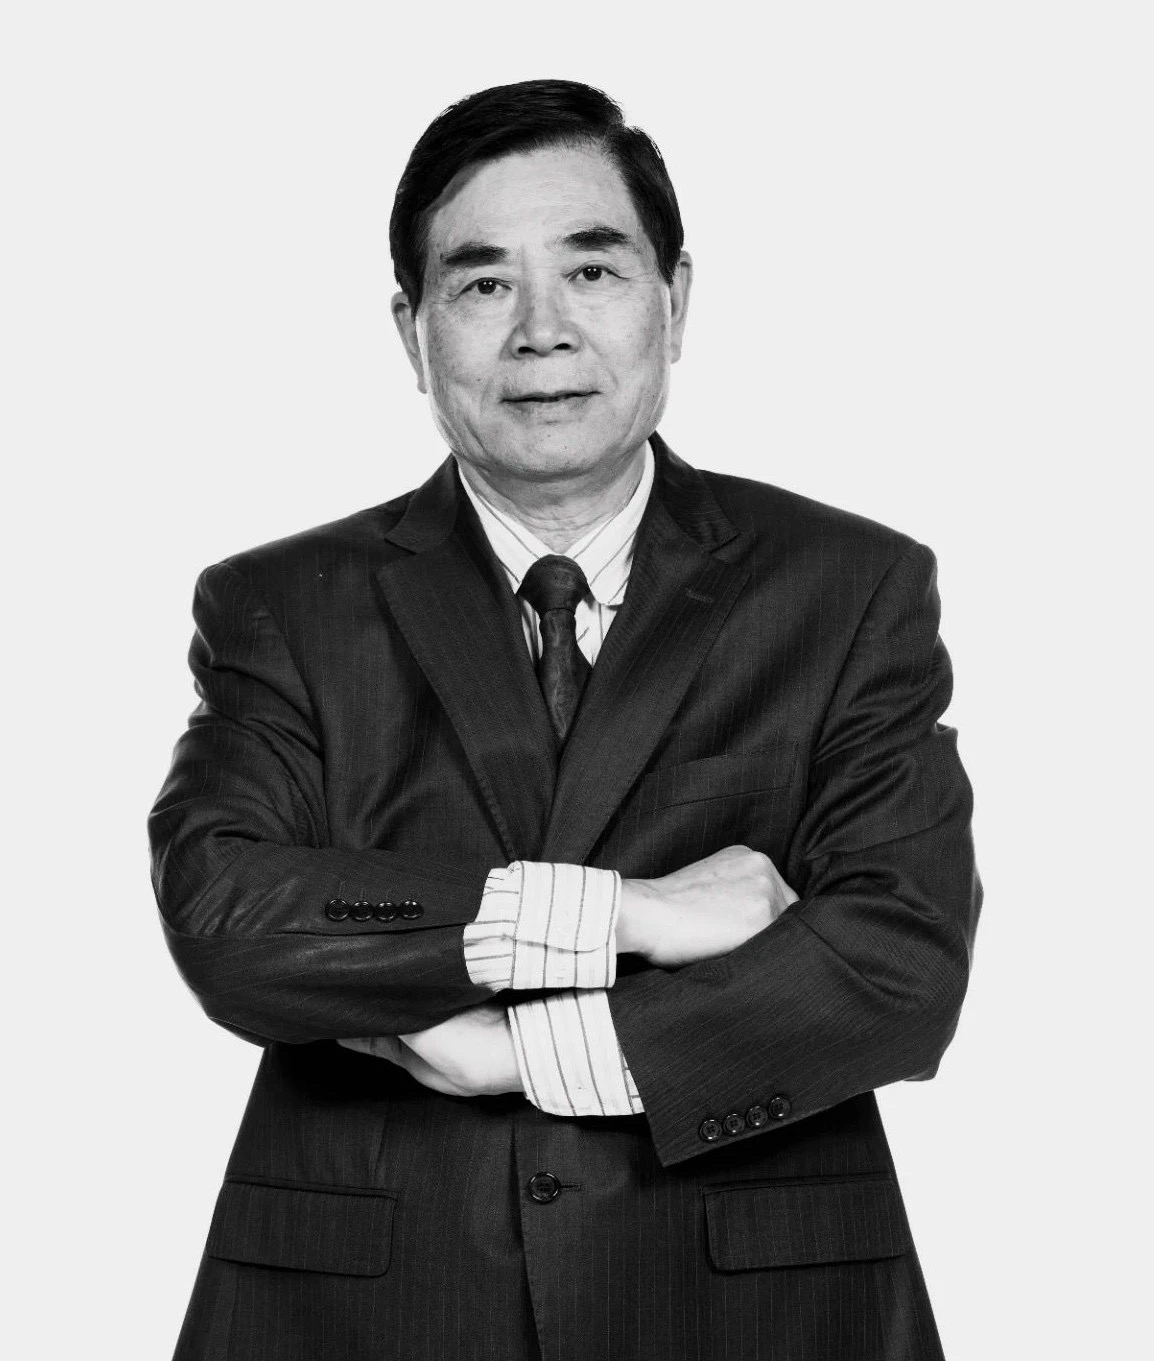 摩天平台:曾培养阿的摩天平台江刘玉栋图片